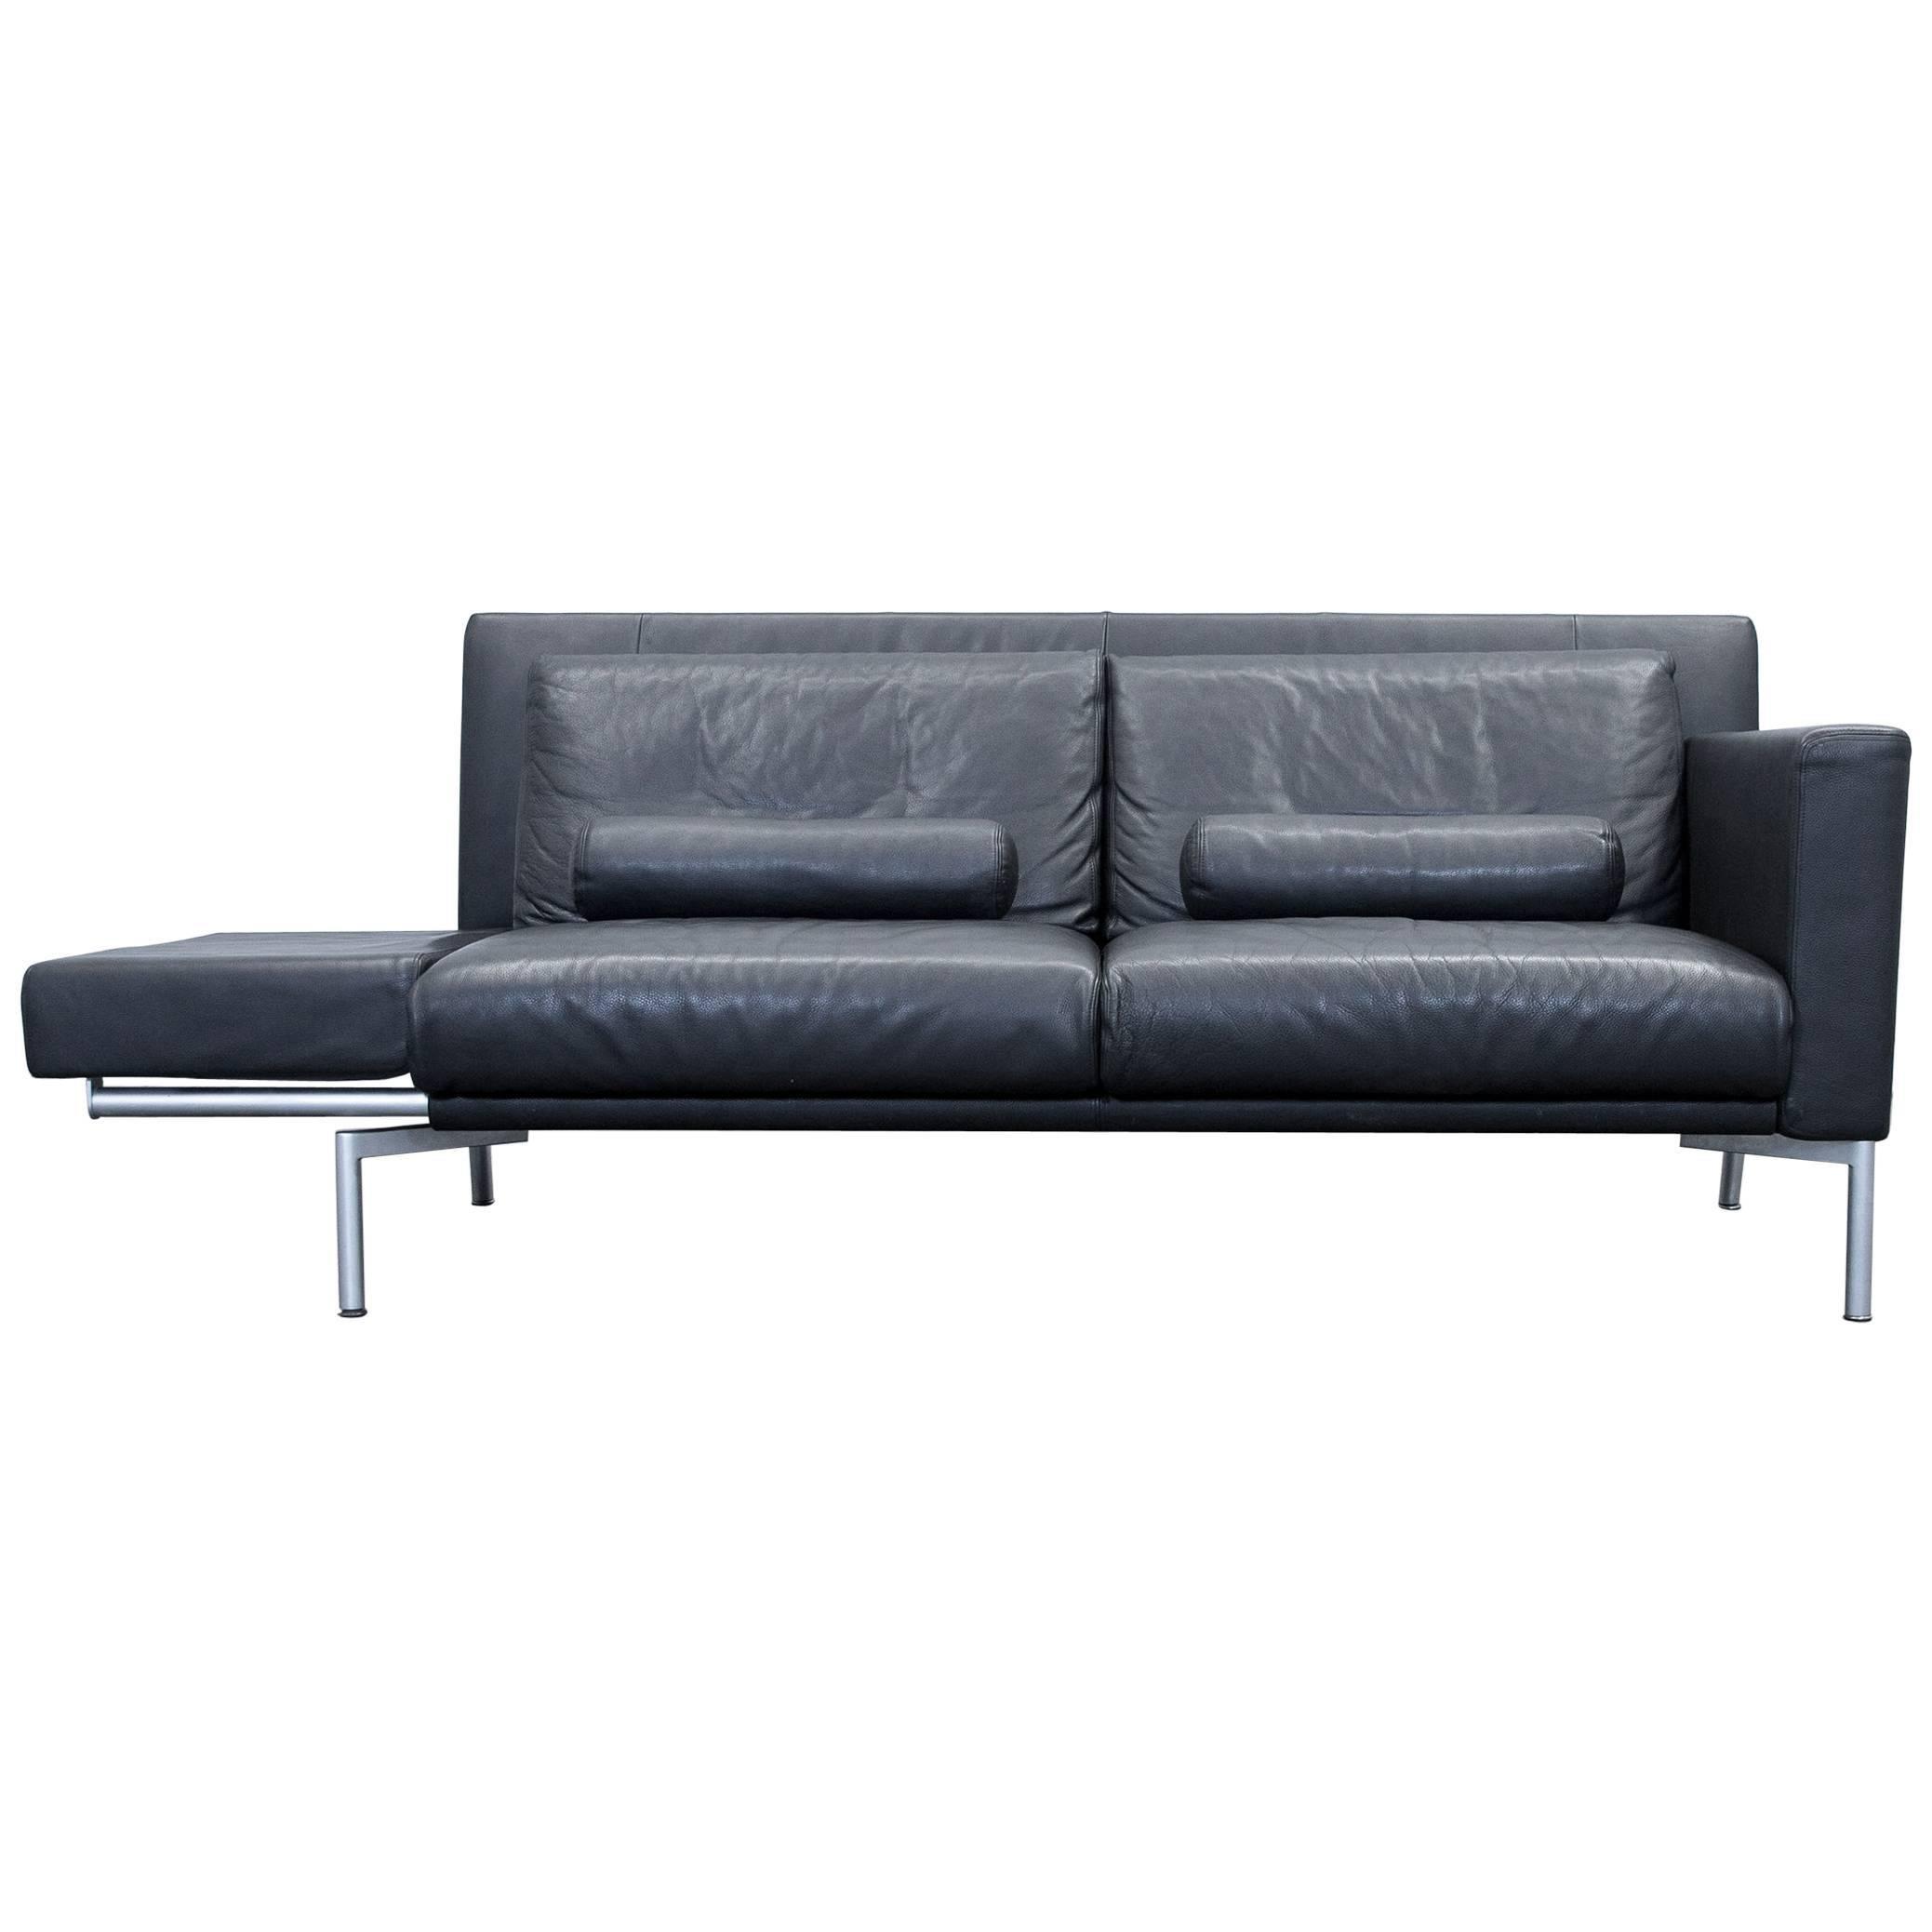 Charmant Fancy Design Sofa Zweisitzer Galerie Schlafzimmer Ideen